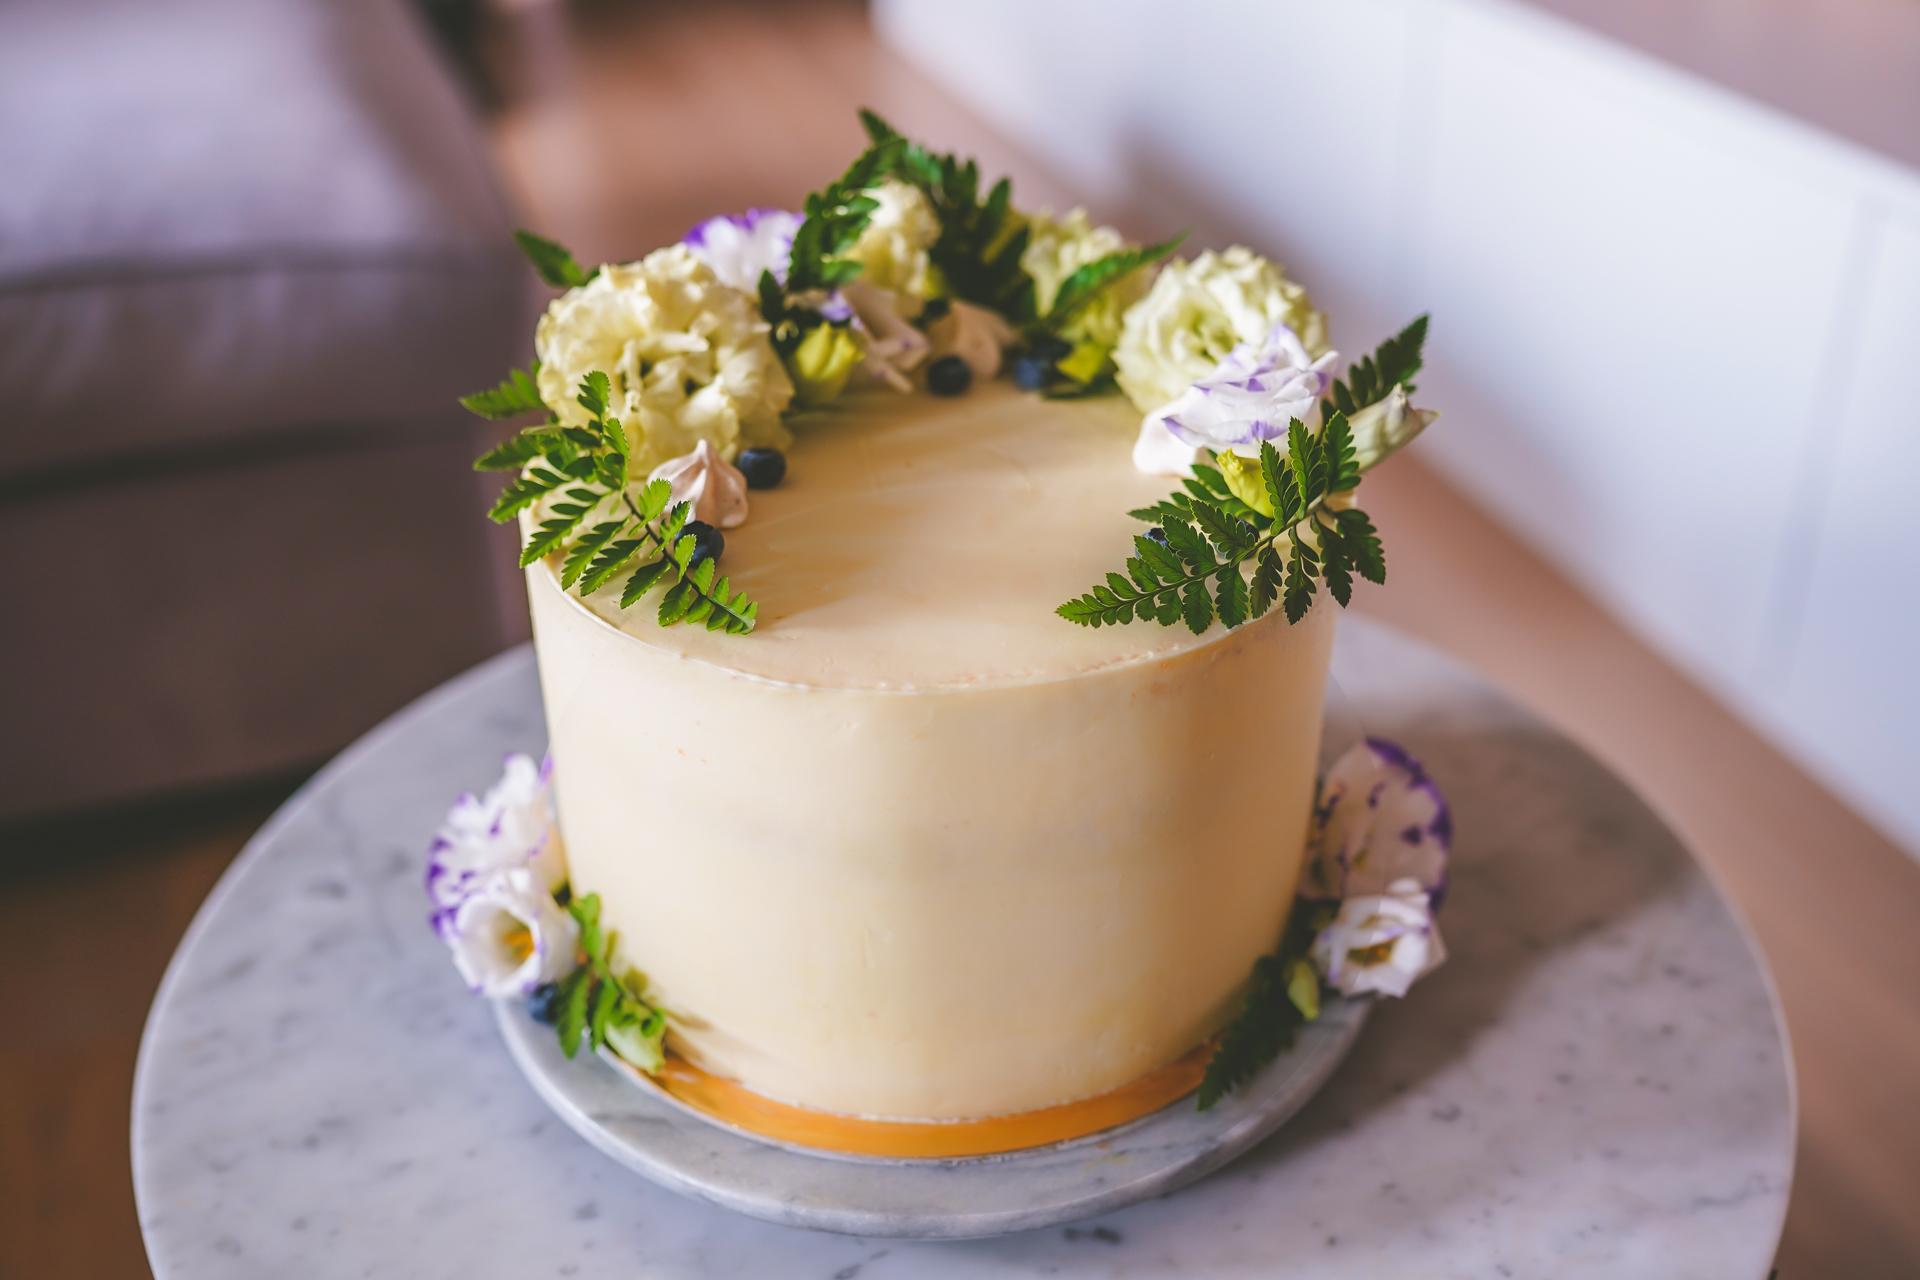 Przepyszny tort mango z chrupiącą maliną i kokosanką migdałową